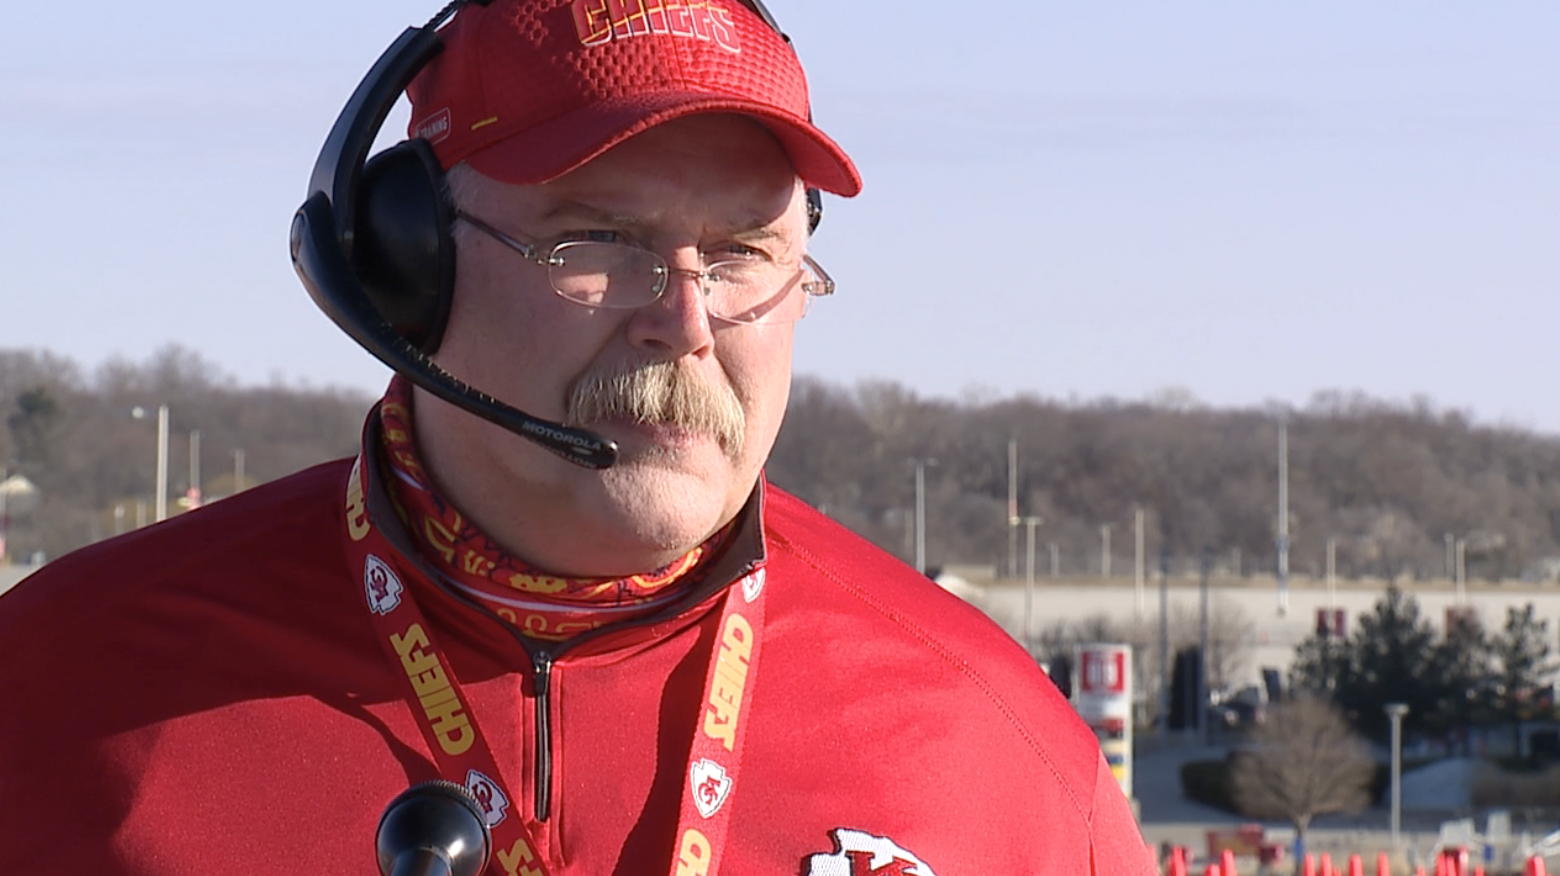 Chiefs fan looks just like Andy Reid